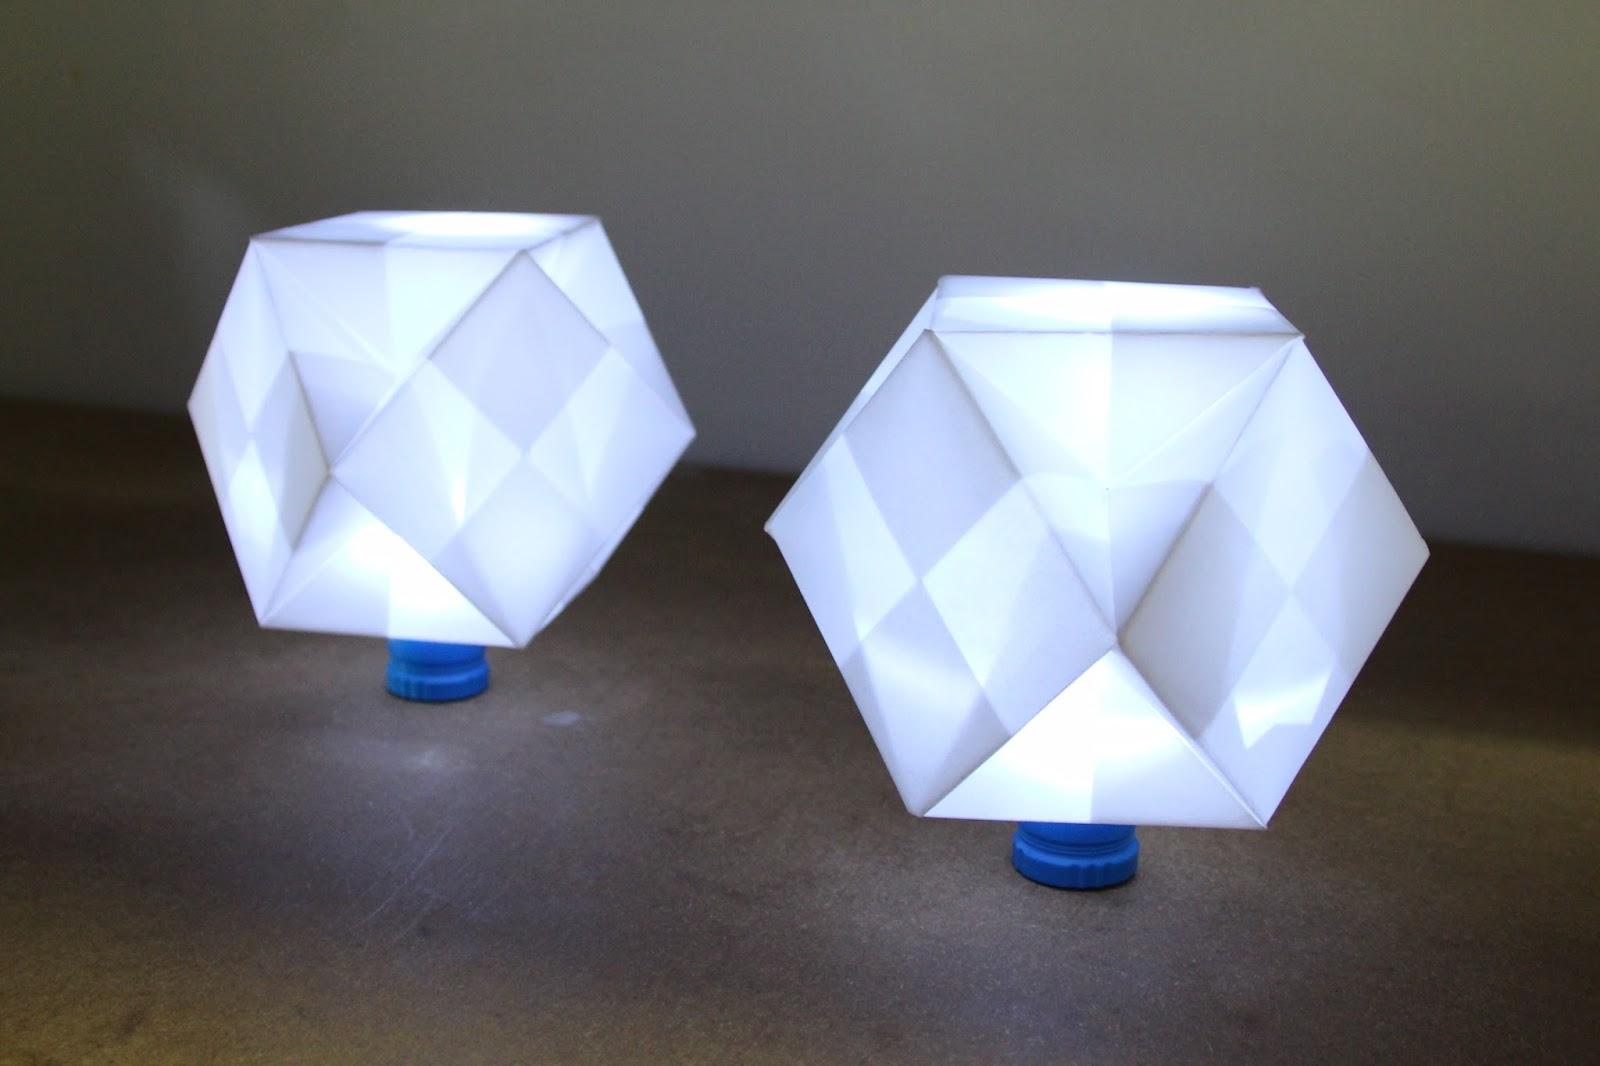 すべての折り紙 折り紙 種類 : 簡単な折り紙形式で立体的な ...